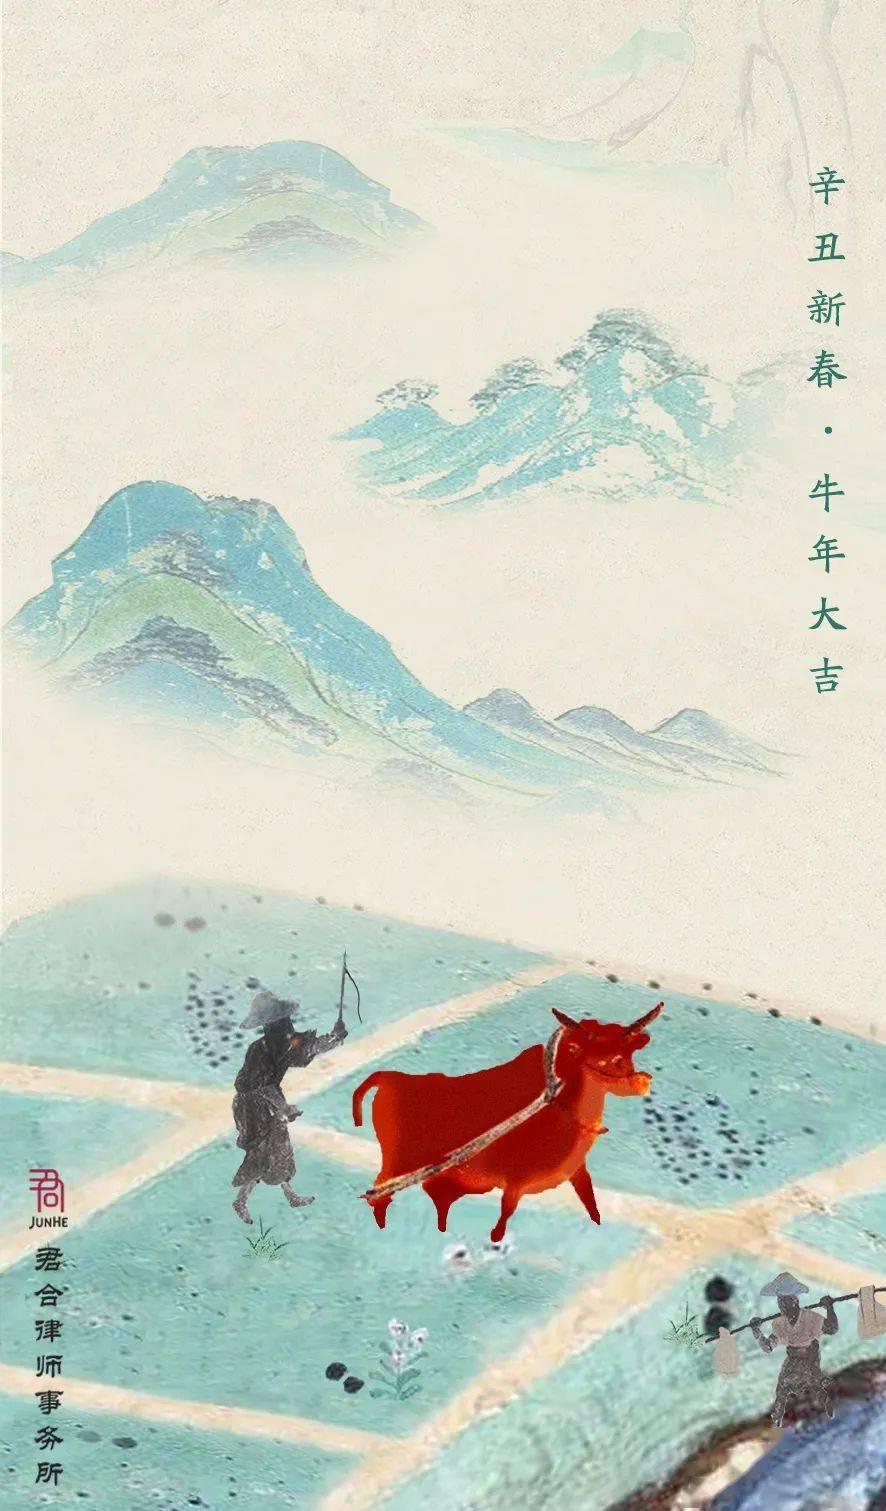 【CLECSS 2457】各律所的牛年贺卡设计 (附投票) 爸爸 第5张